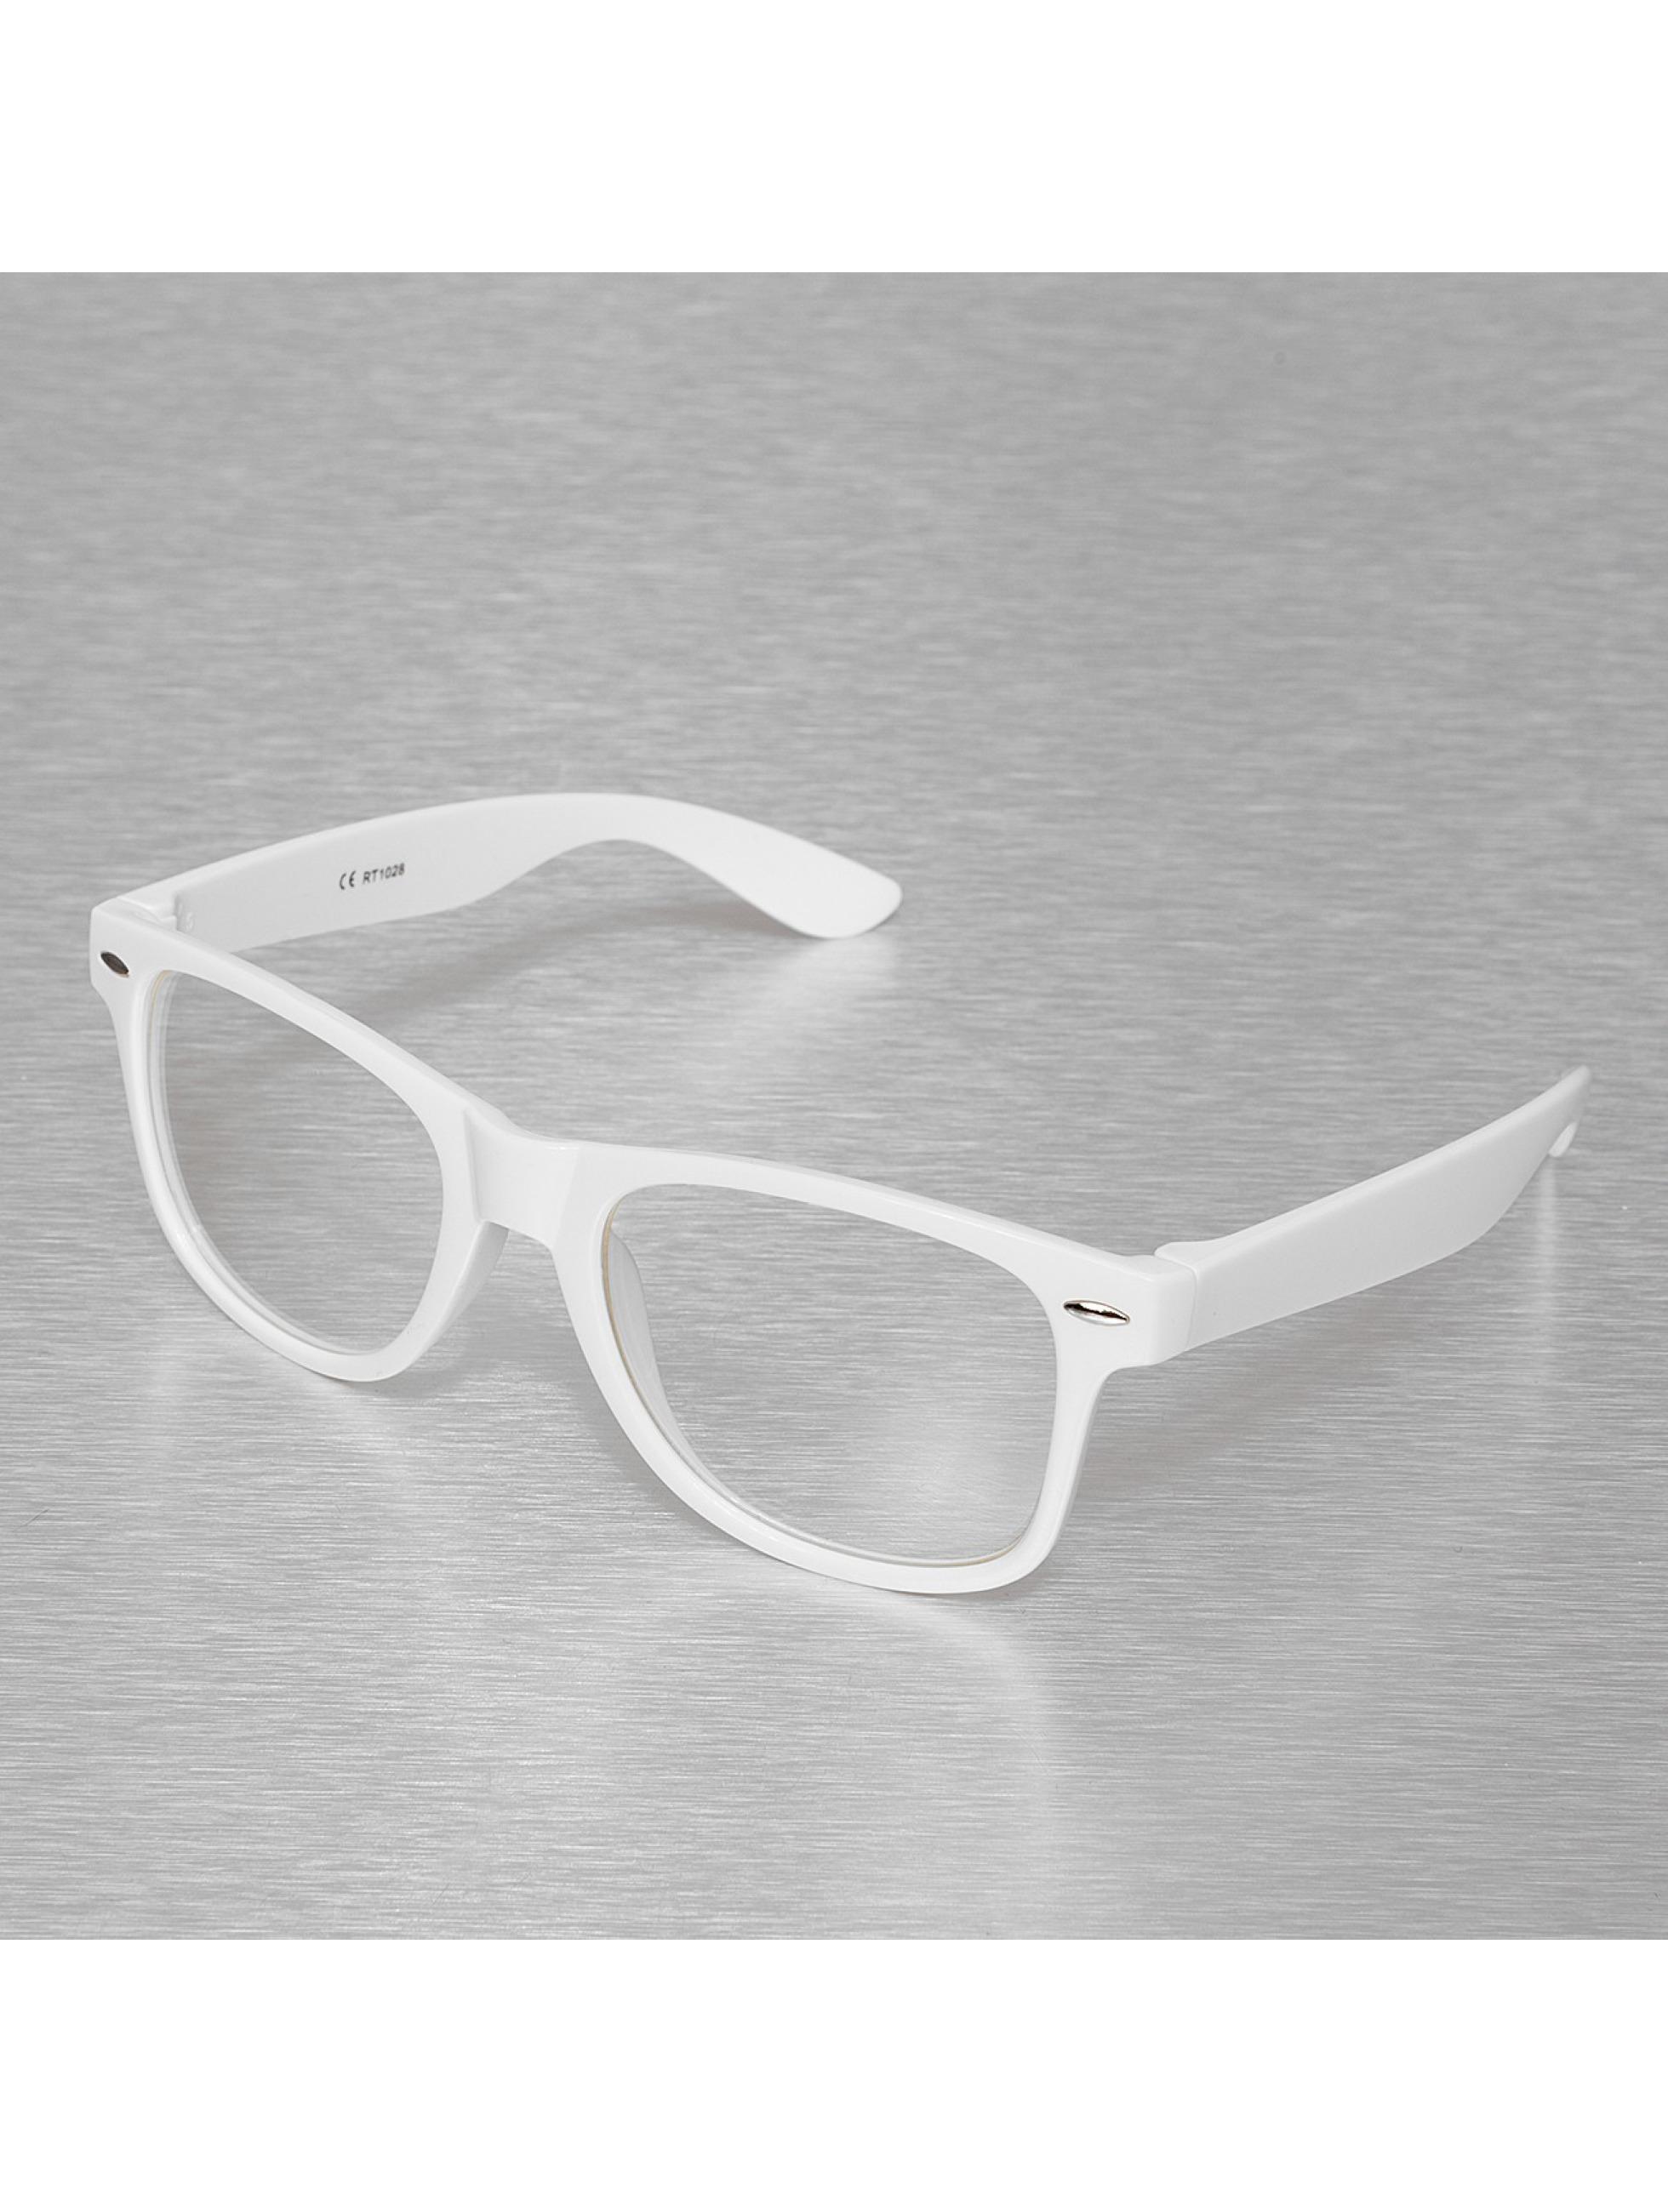 Miami Vision Männer,Frauen Sonnenbrille Vision in weiß